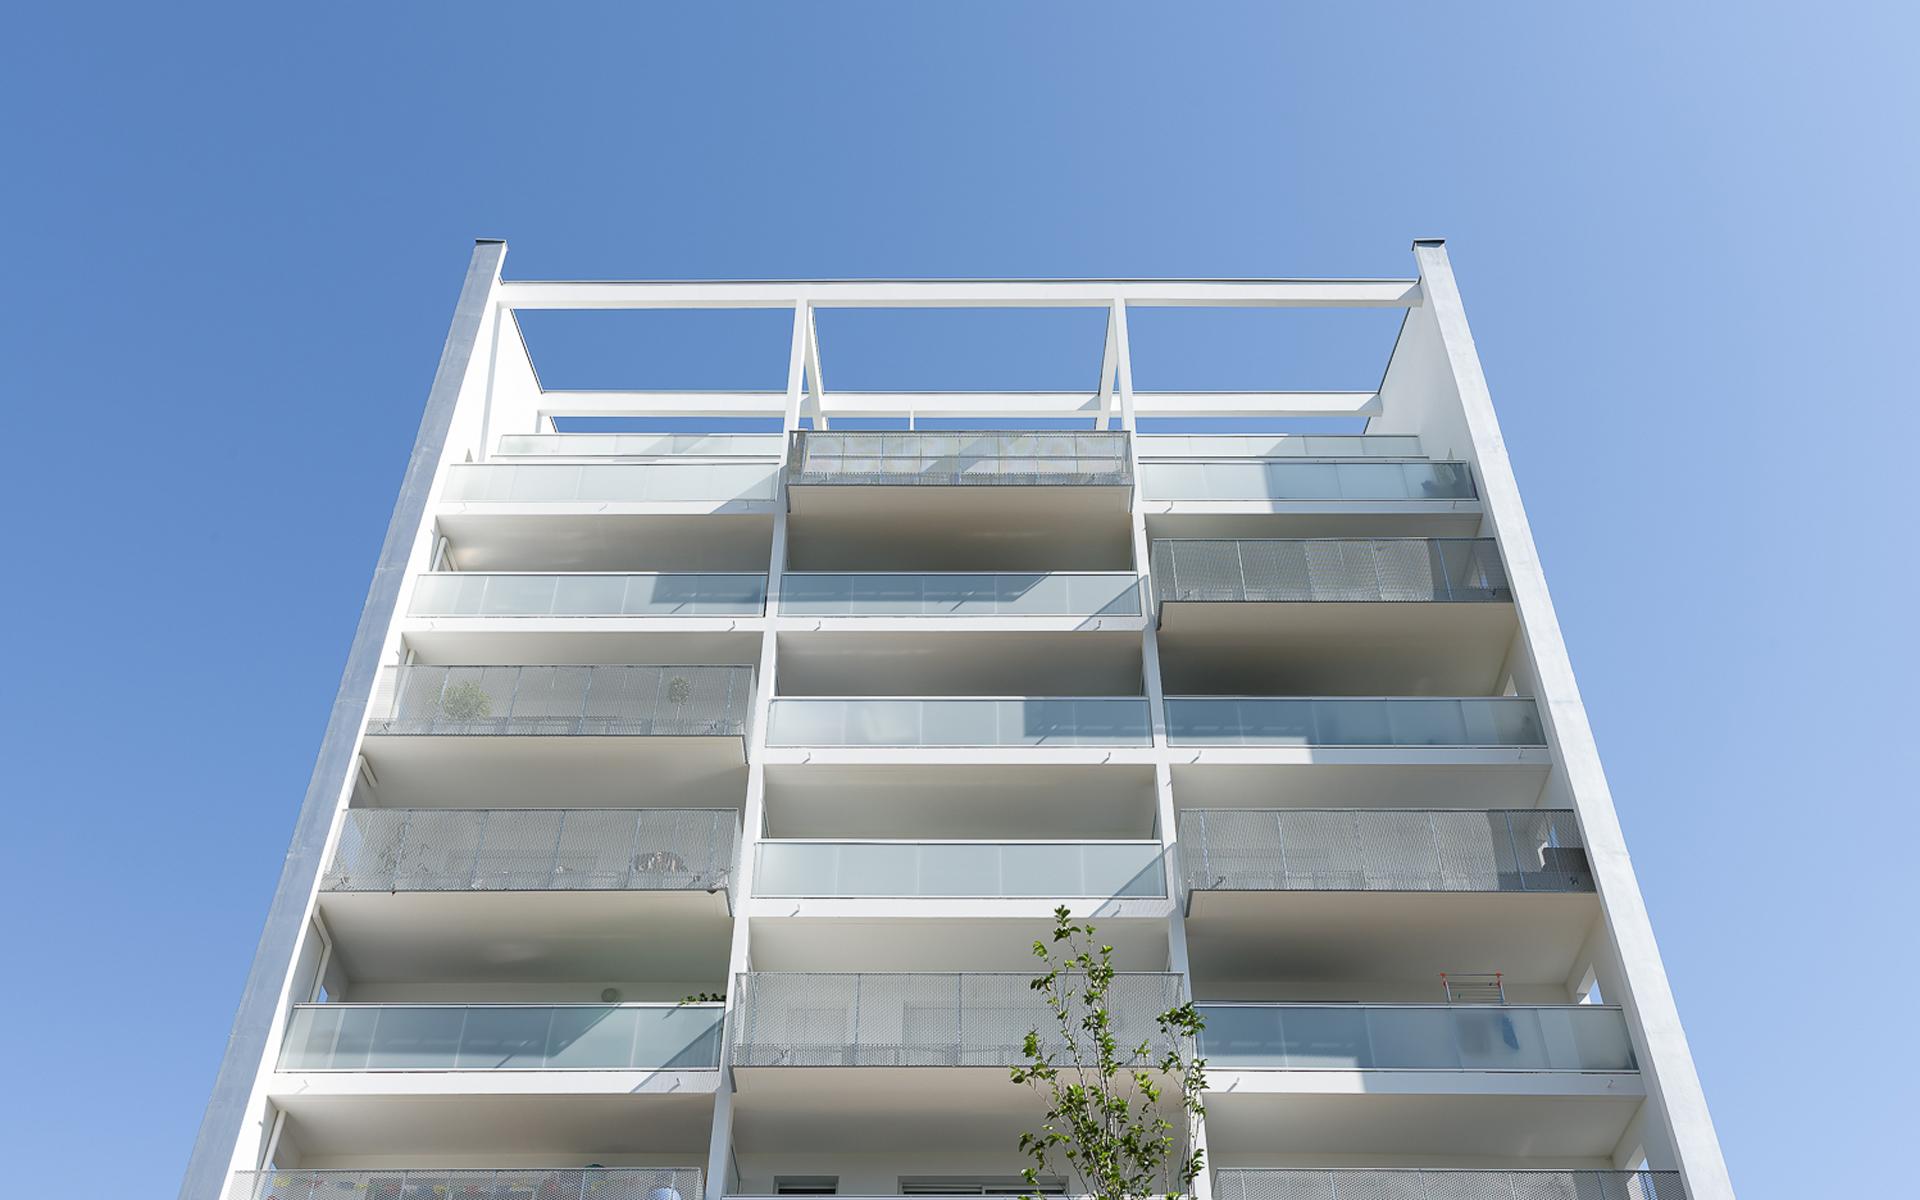 helios-park-06-rennes-architecture-bretagne-paumier-architectes-1920×1200